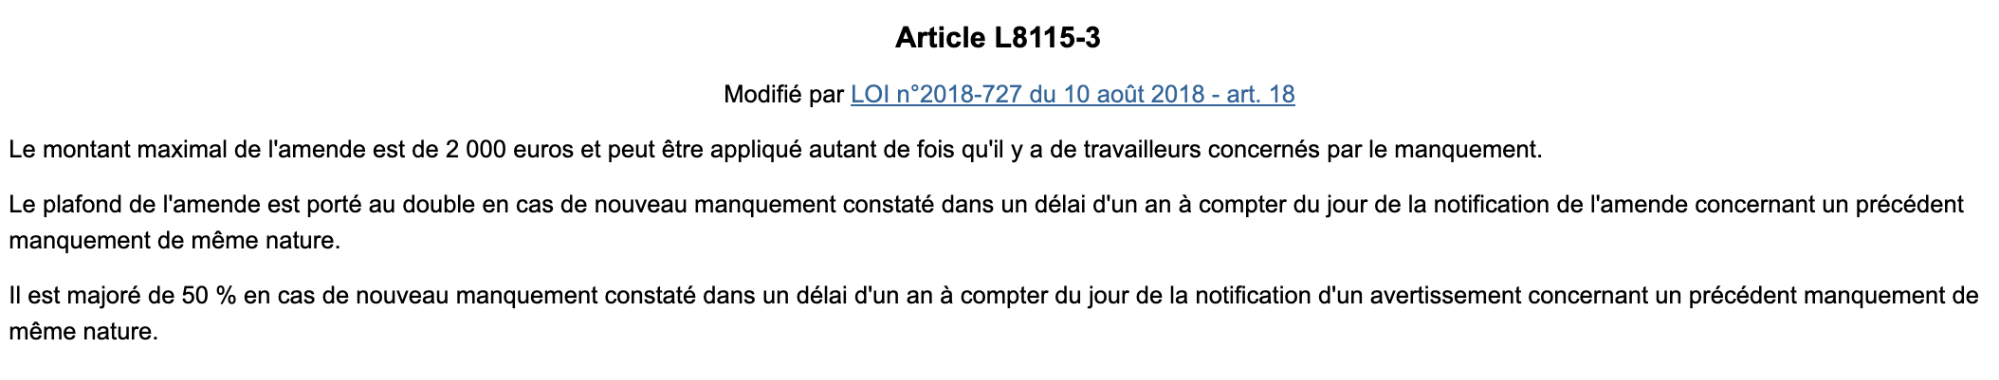 L'Article L8115-3 du Code du travail définit les poursuites potentielles